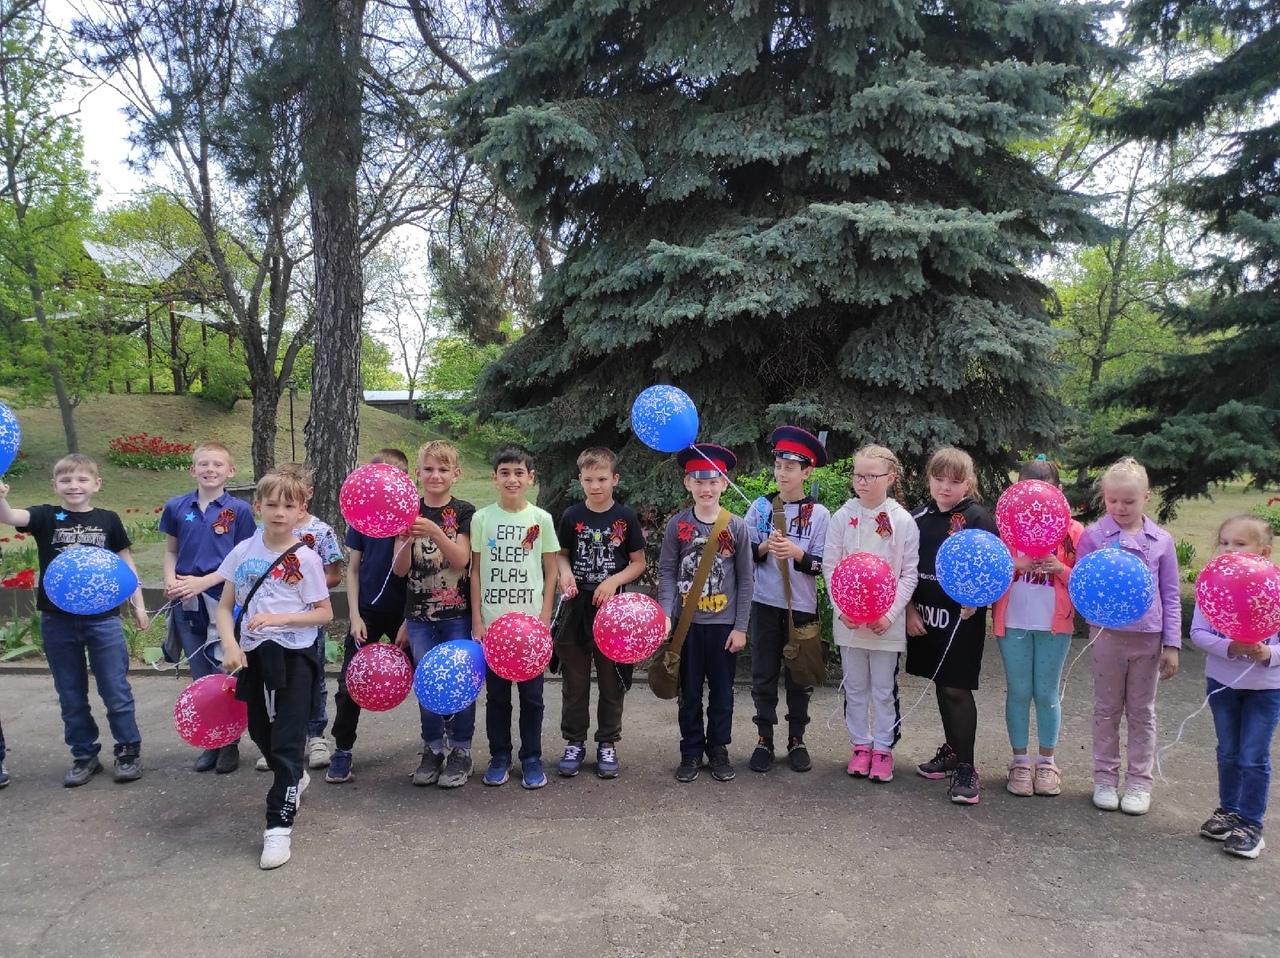 22 июня 2021 года исполняется 80 лет со дня начала Великой Отечественной войны.